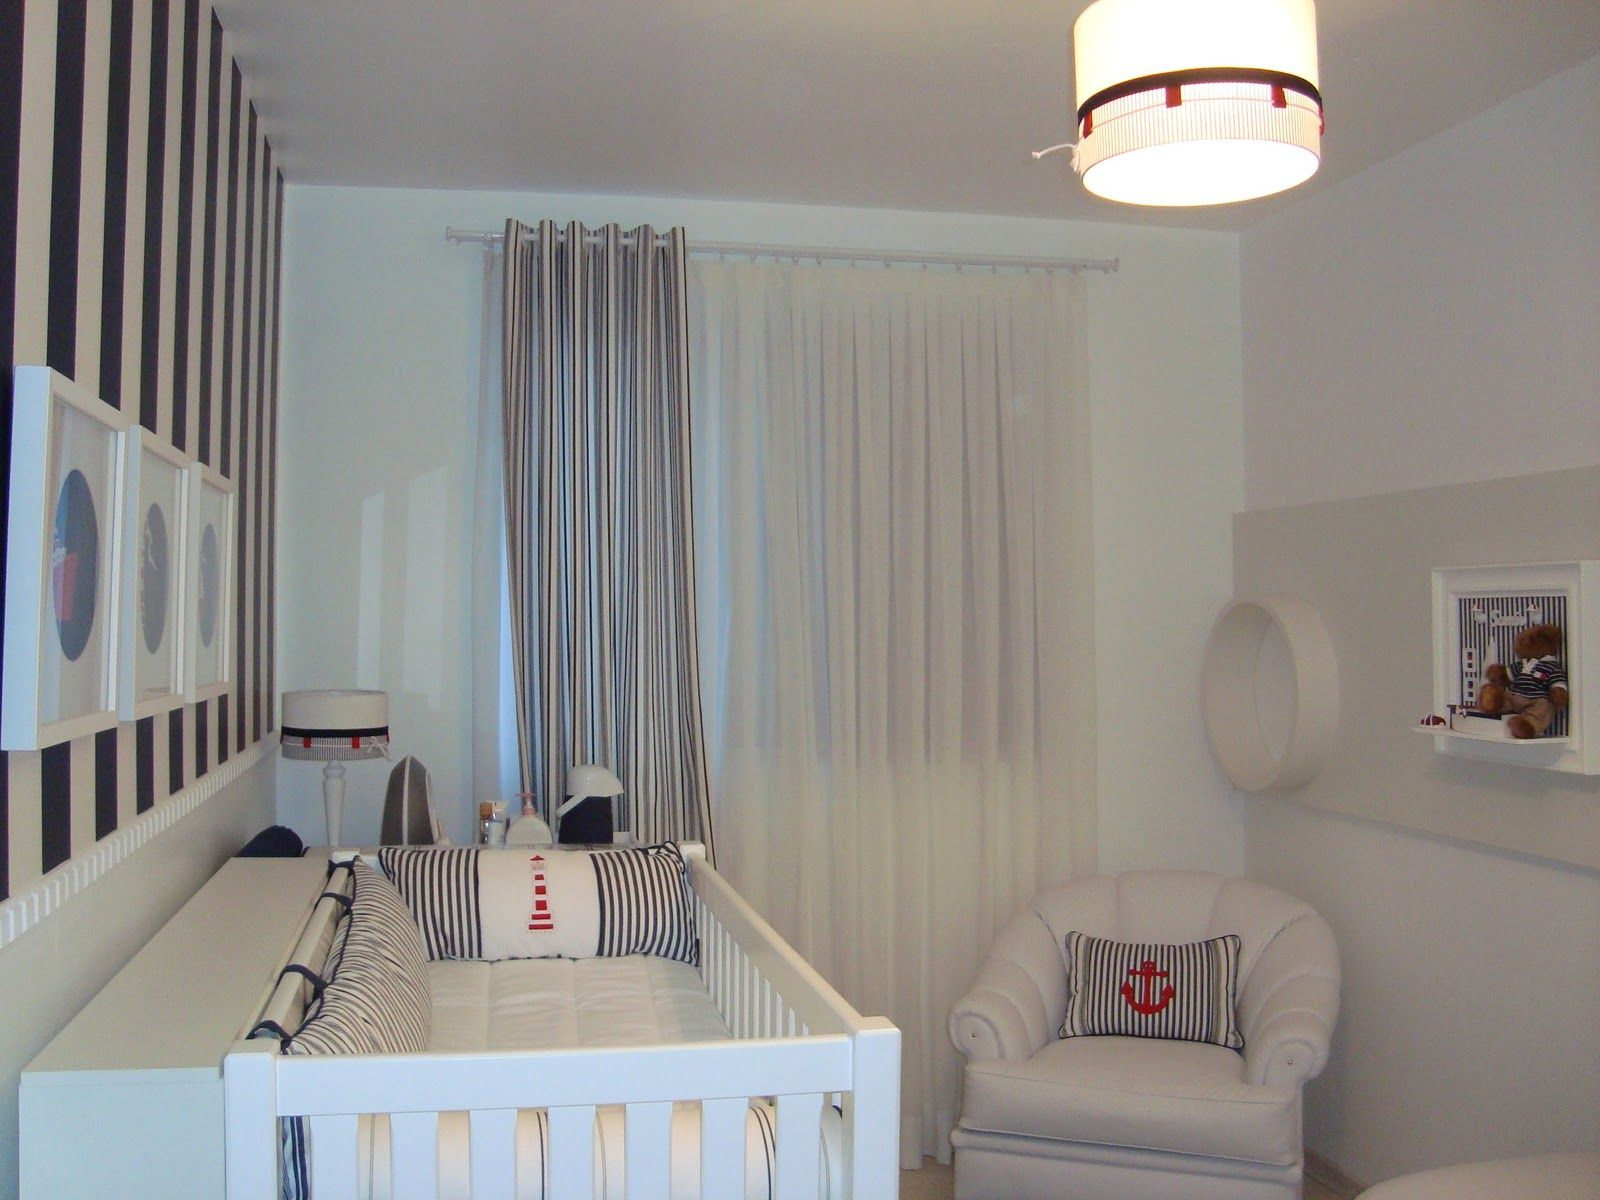 Quarto Para Bebe Decorado Motivos Nauticos Jpg 1600 1200 Baby  ~ Quarto De Bebe Decorado Com Gesso